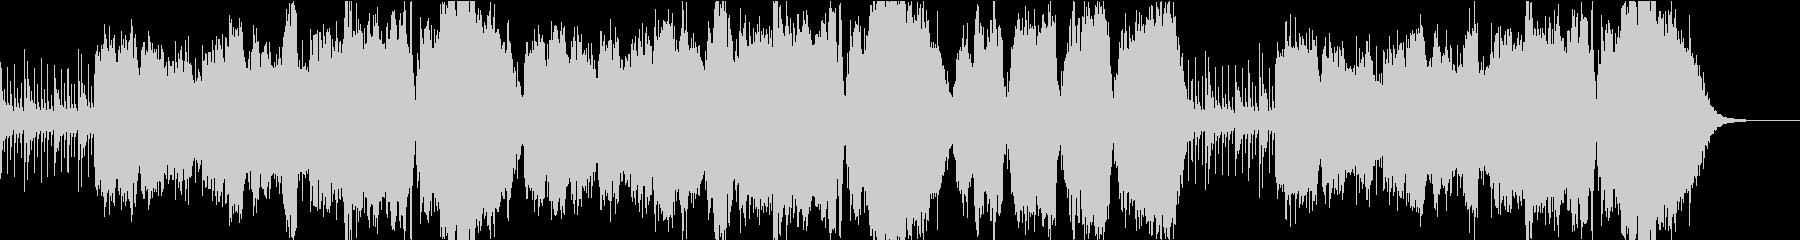 尺八が奏でる感動的なバラードHRの未再生の波形